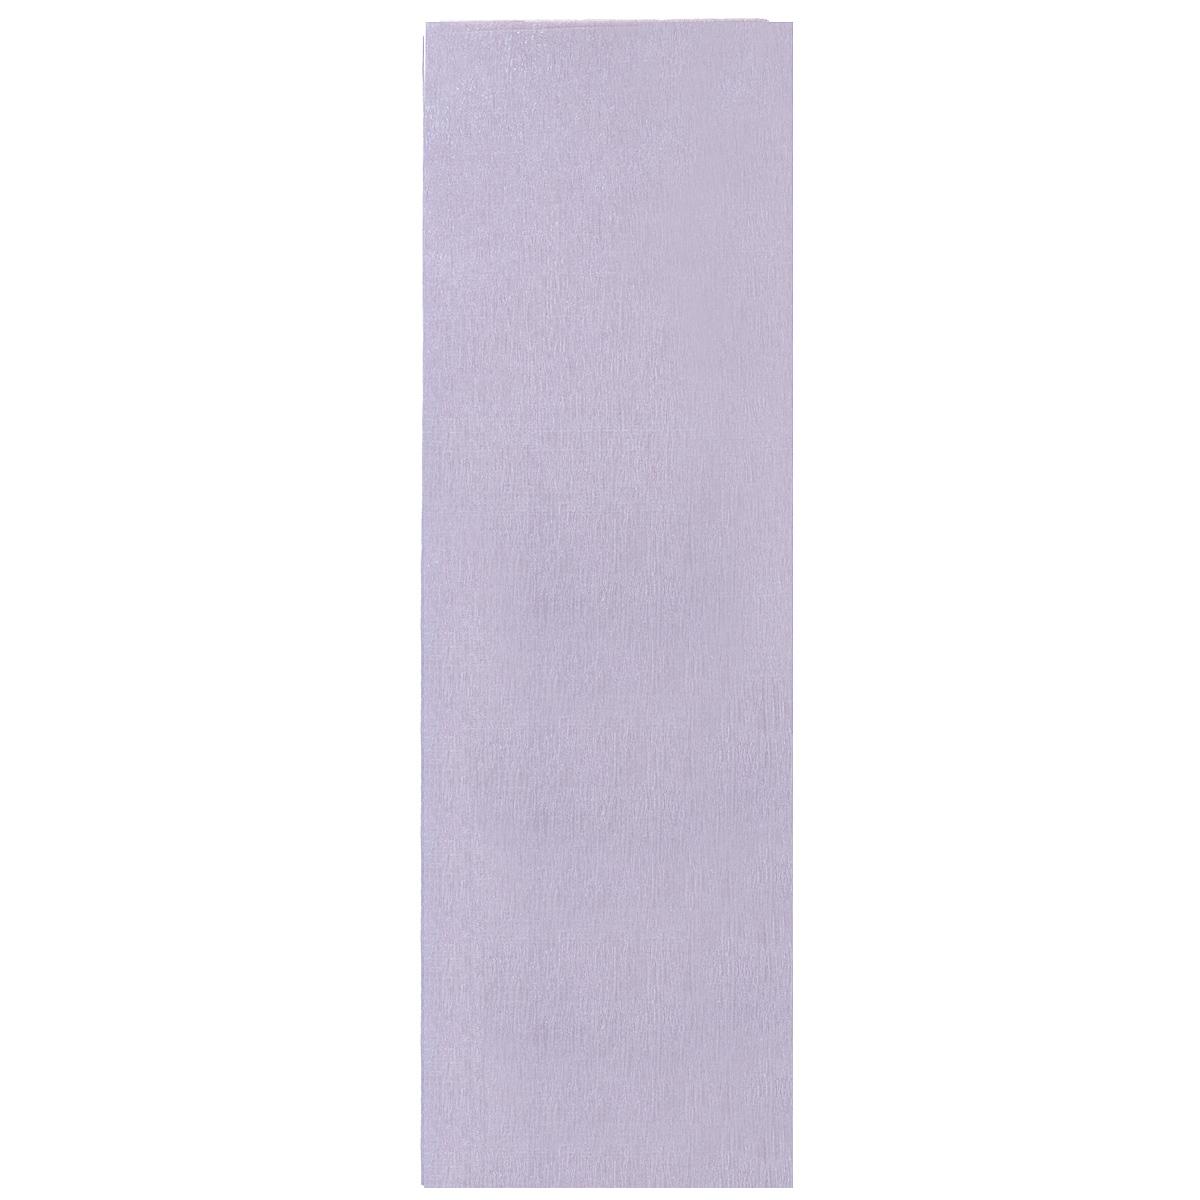 Бумага крепированная Проф-Пресс, перламутровая, цвет: сиреневый, 50 см х 250 смБ-2314Крепированная перламутровая бумага Проф-Пресс - отличный вариант для воплощения творческих идей не только детей, но и взрослых. Она отлично подойдет для упаковки хрупких изделий, при оформлении букетов, создании сложных цветовых композиций, для декорирования и других оформительских работ. Бумага обладает повышенной прочностью и жесткостью, хорошо растягивается, имеет жатую поверхность.Кроме того, перламутровая бумага Проф-Пресс поможет увлечь ребенка, развивая интерес к художественному творчеству, эстетический вкус и восприятие, увеличивая желание делать подарки своими руками, воспитывая самостоятельность и аккуратность в работе. Такая бумага поможет вашему ребенку раскрыть свои таланты.Размер: 50 см х 250 см.